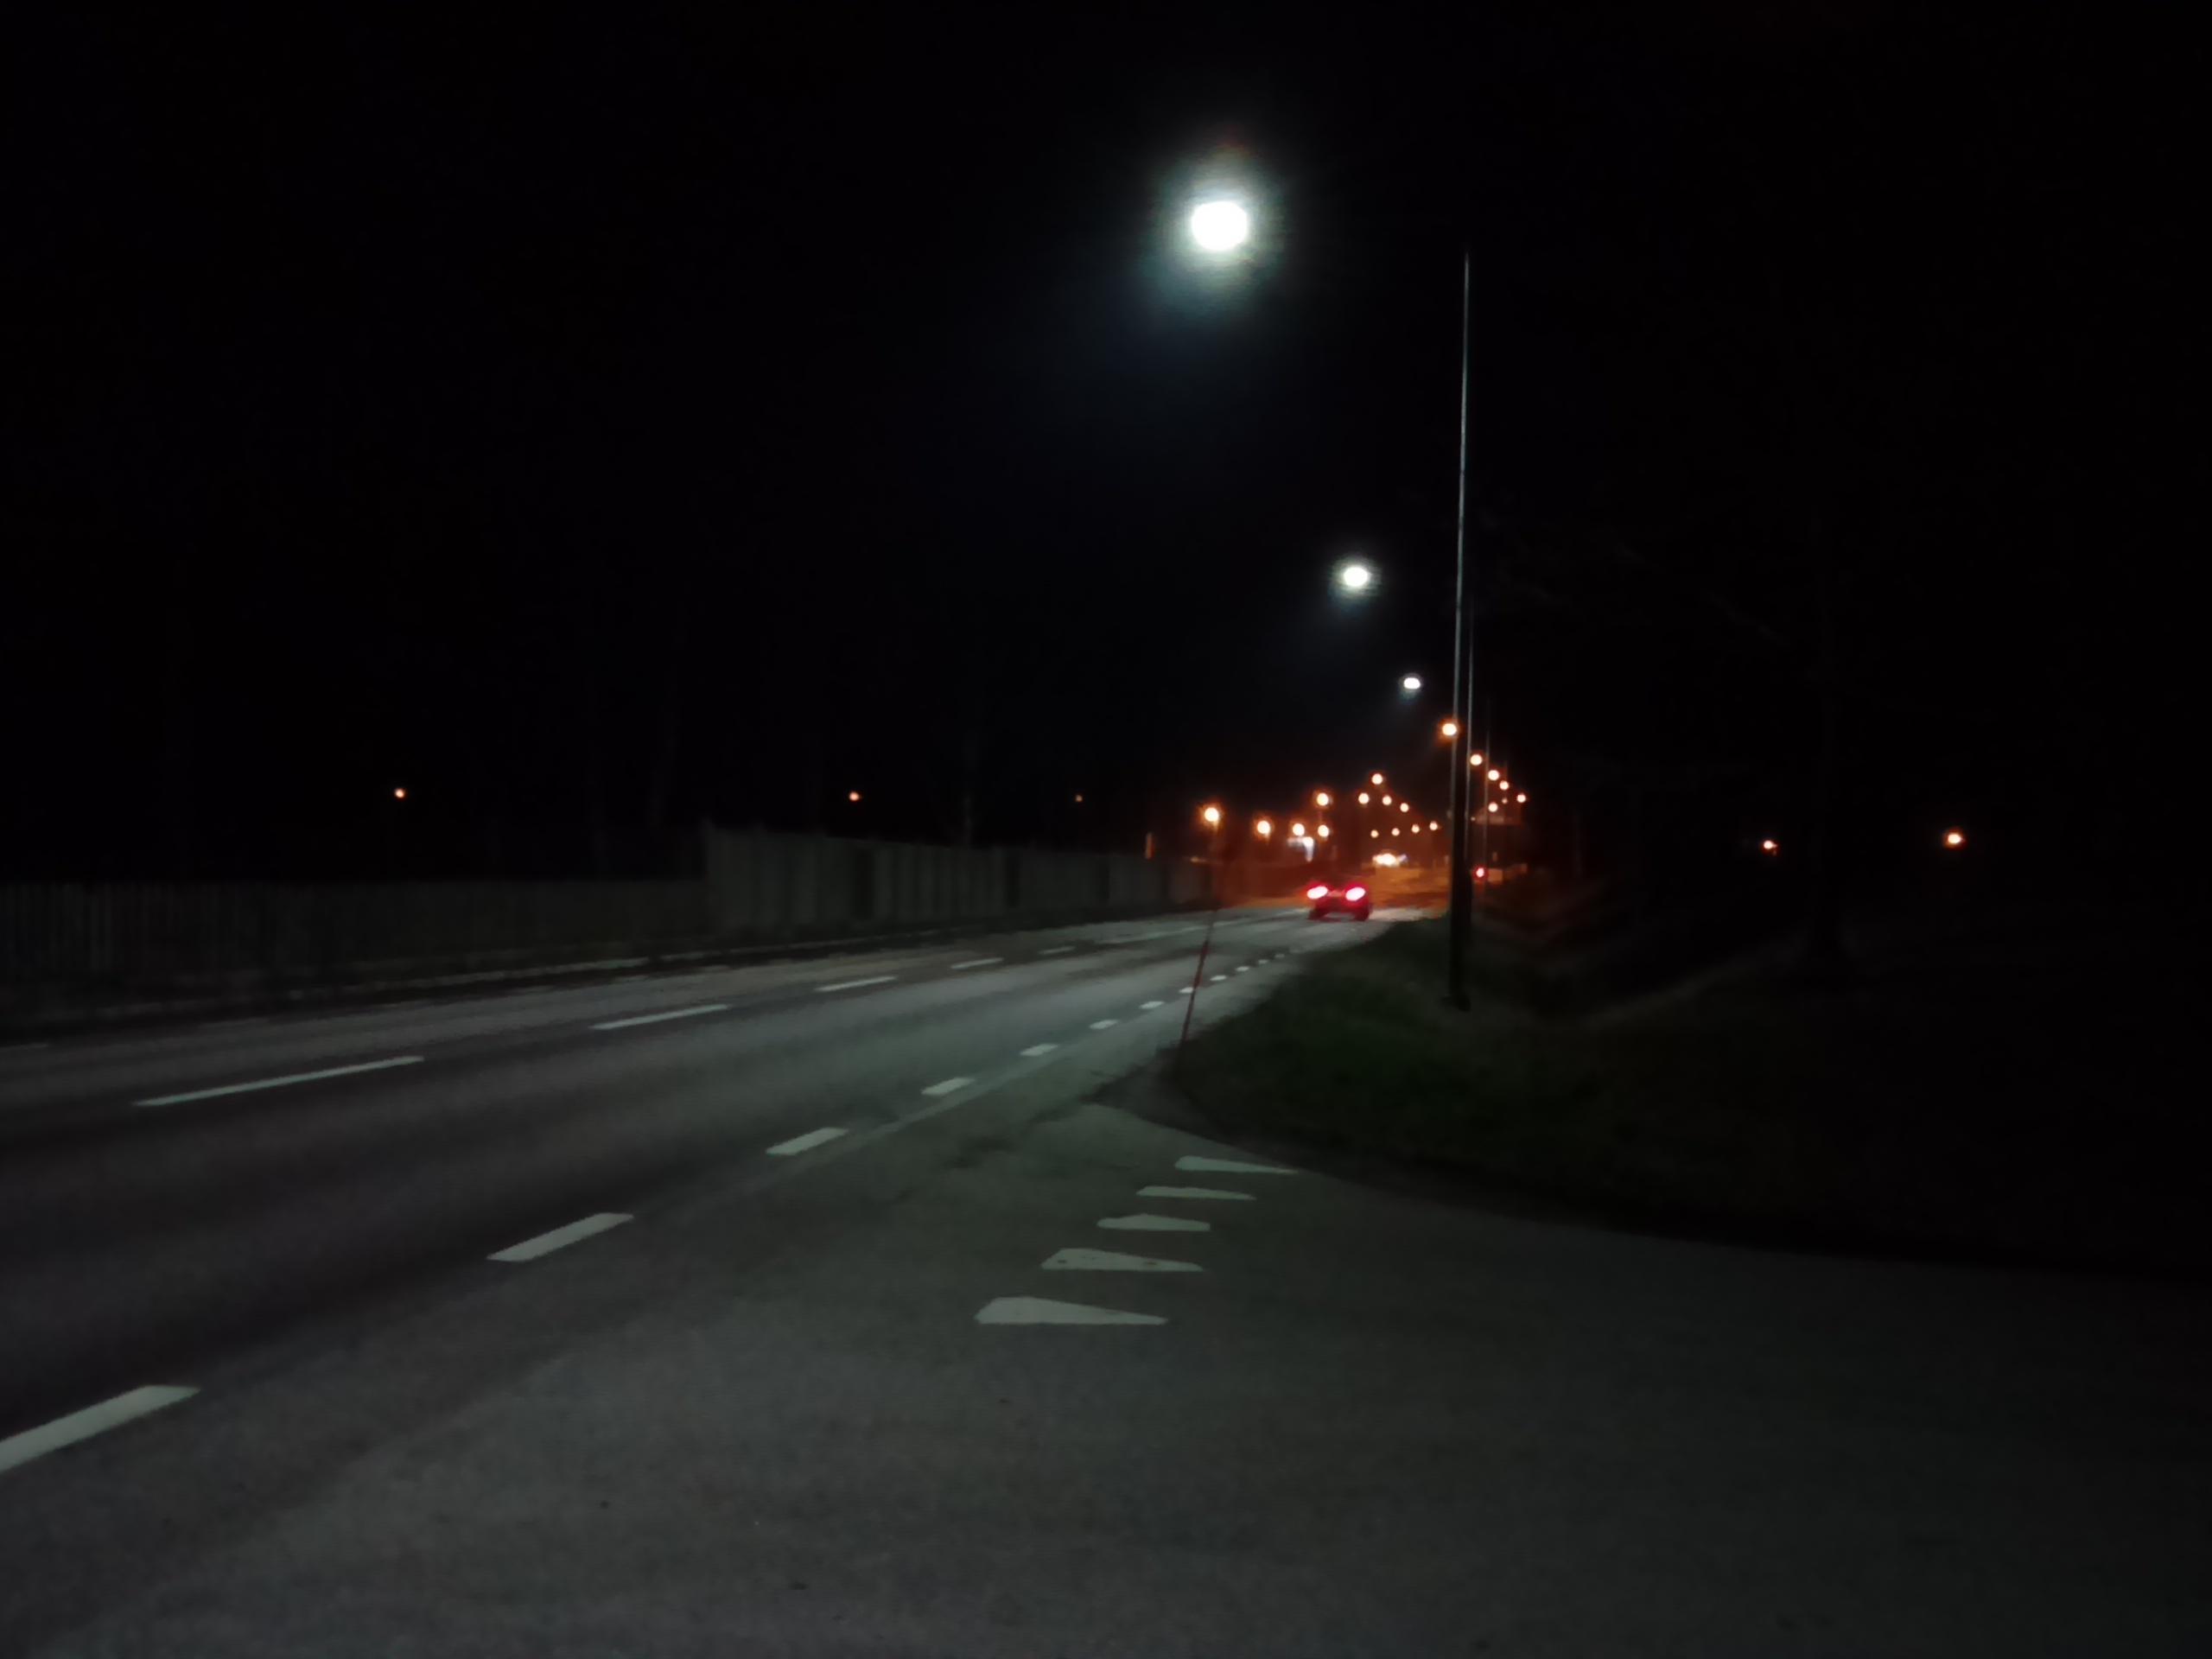 En vy åt andra håller av Norra Vägen där övergången mellan kallvit LED och natrium högtryck syns tydligt.